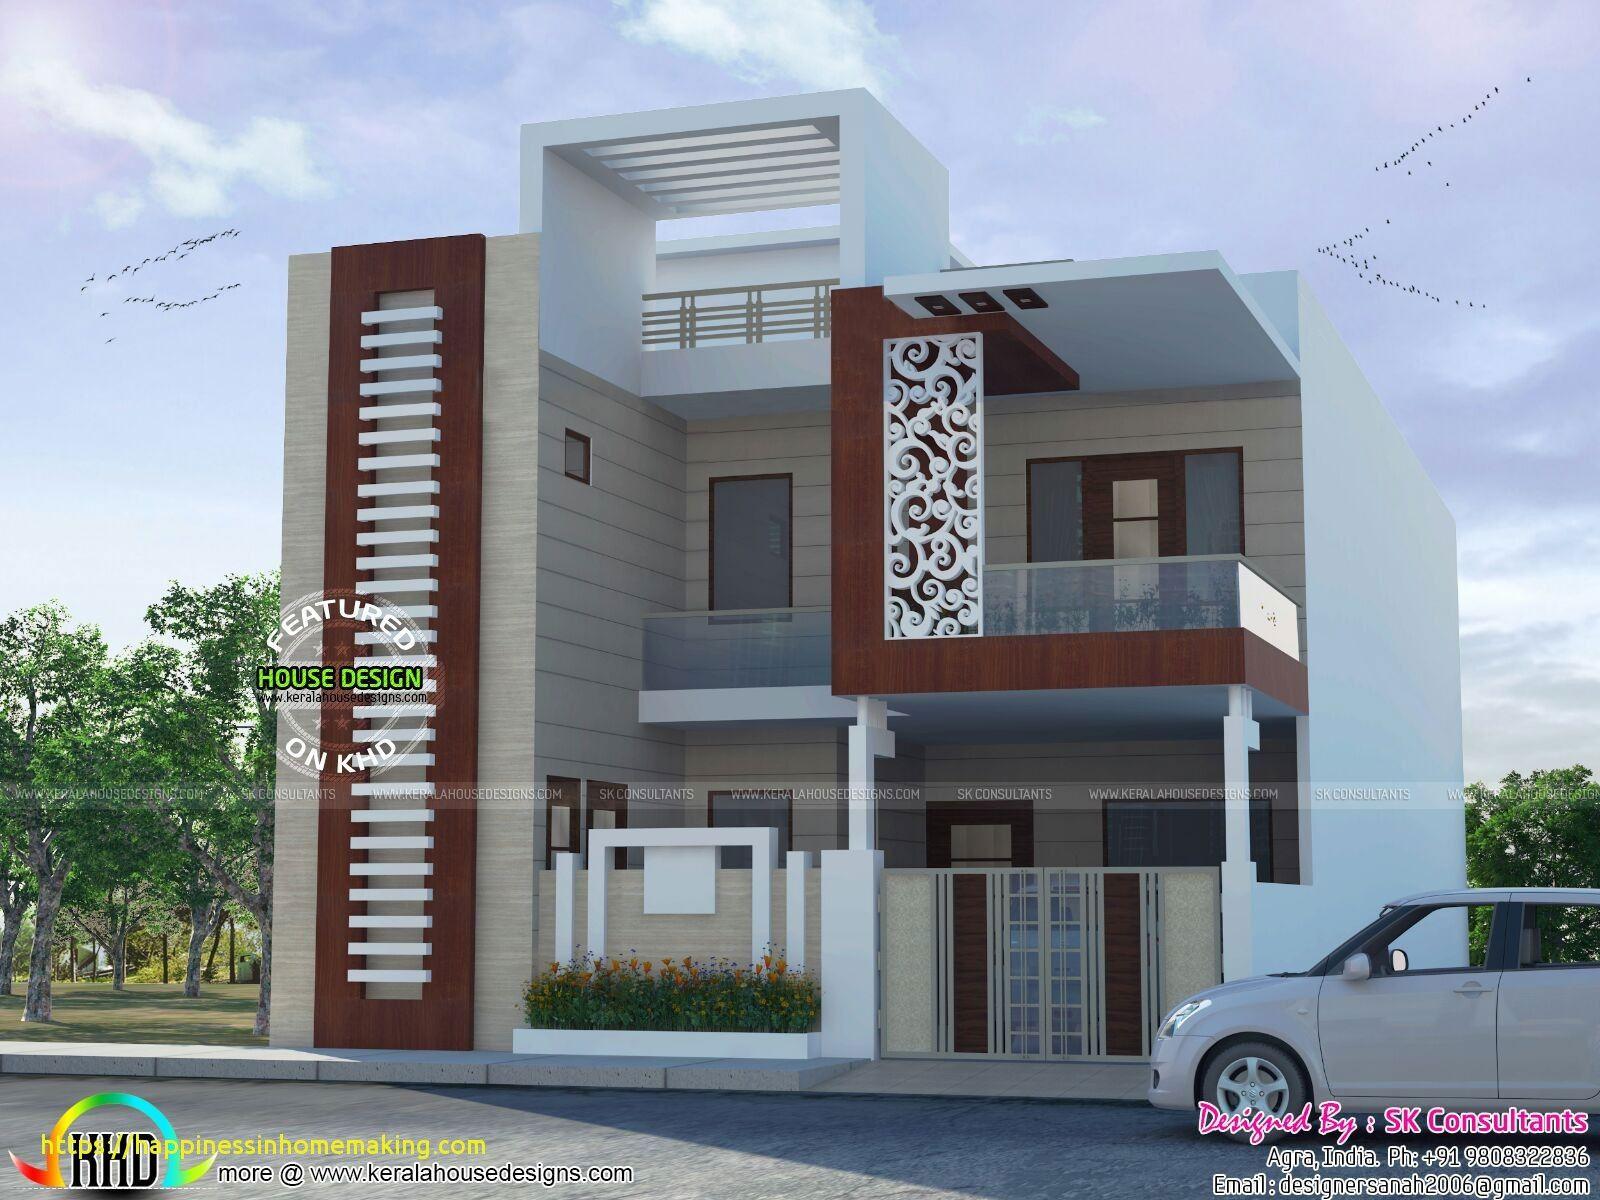 Indian House Exterior Design Ideas | Kerala house design ...